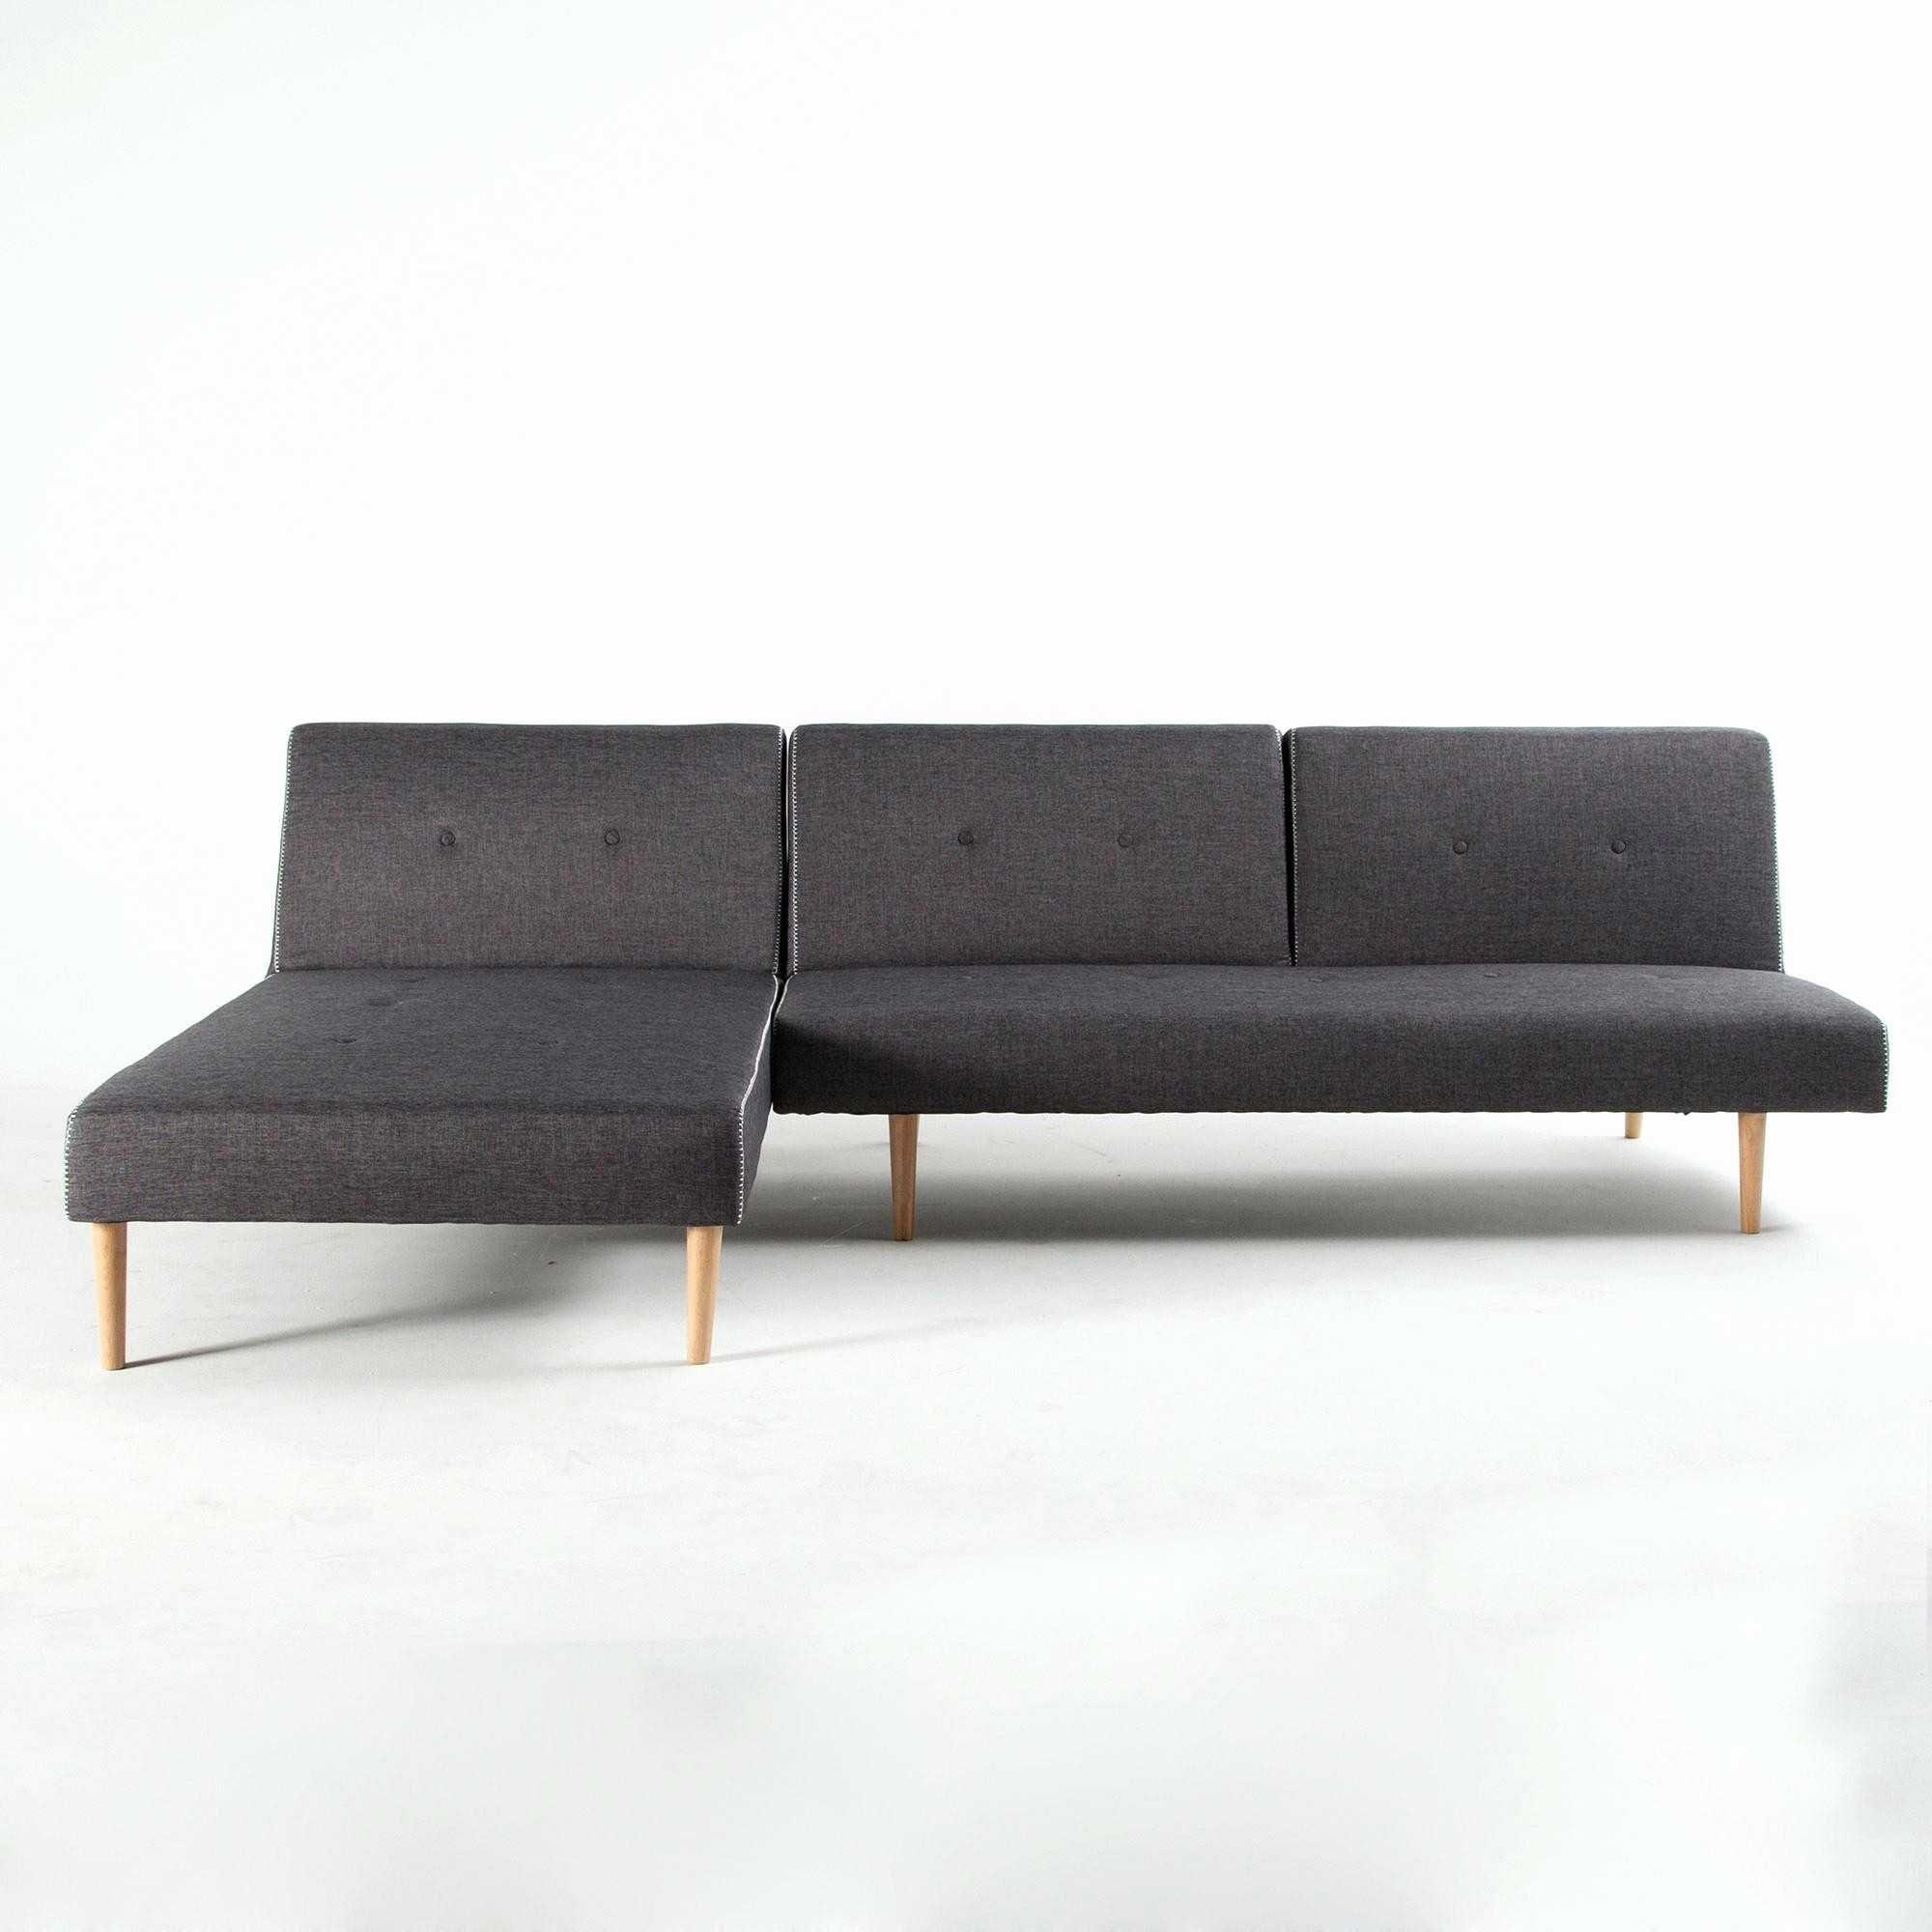 Canapé D Angle Lit Pas Cher Fraîche Charmant Canapé D Angle Convertible Pas Cher Conforama Dans 32